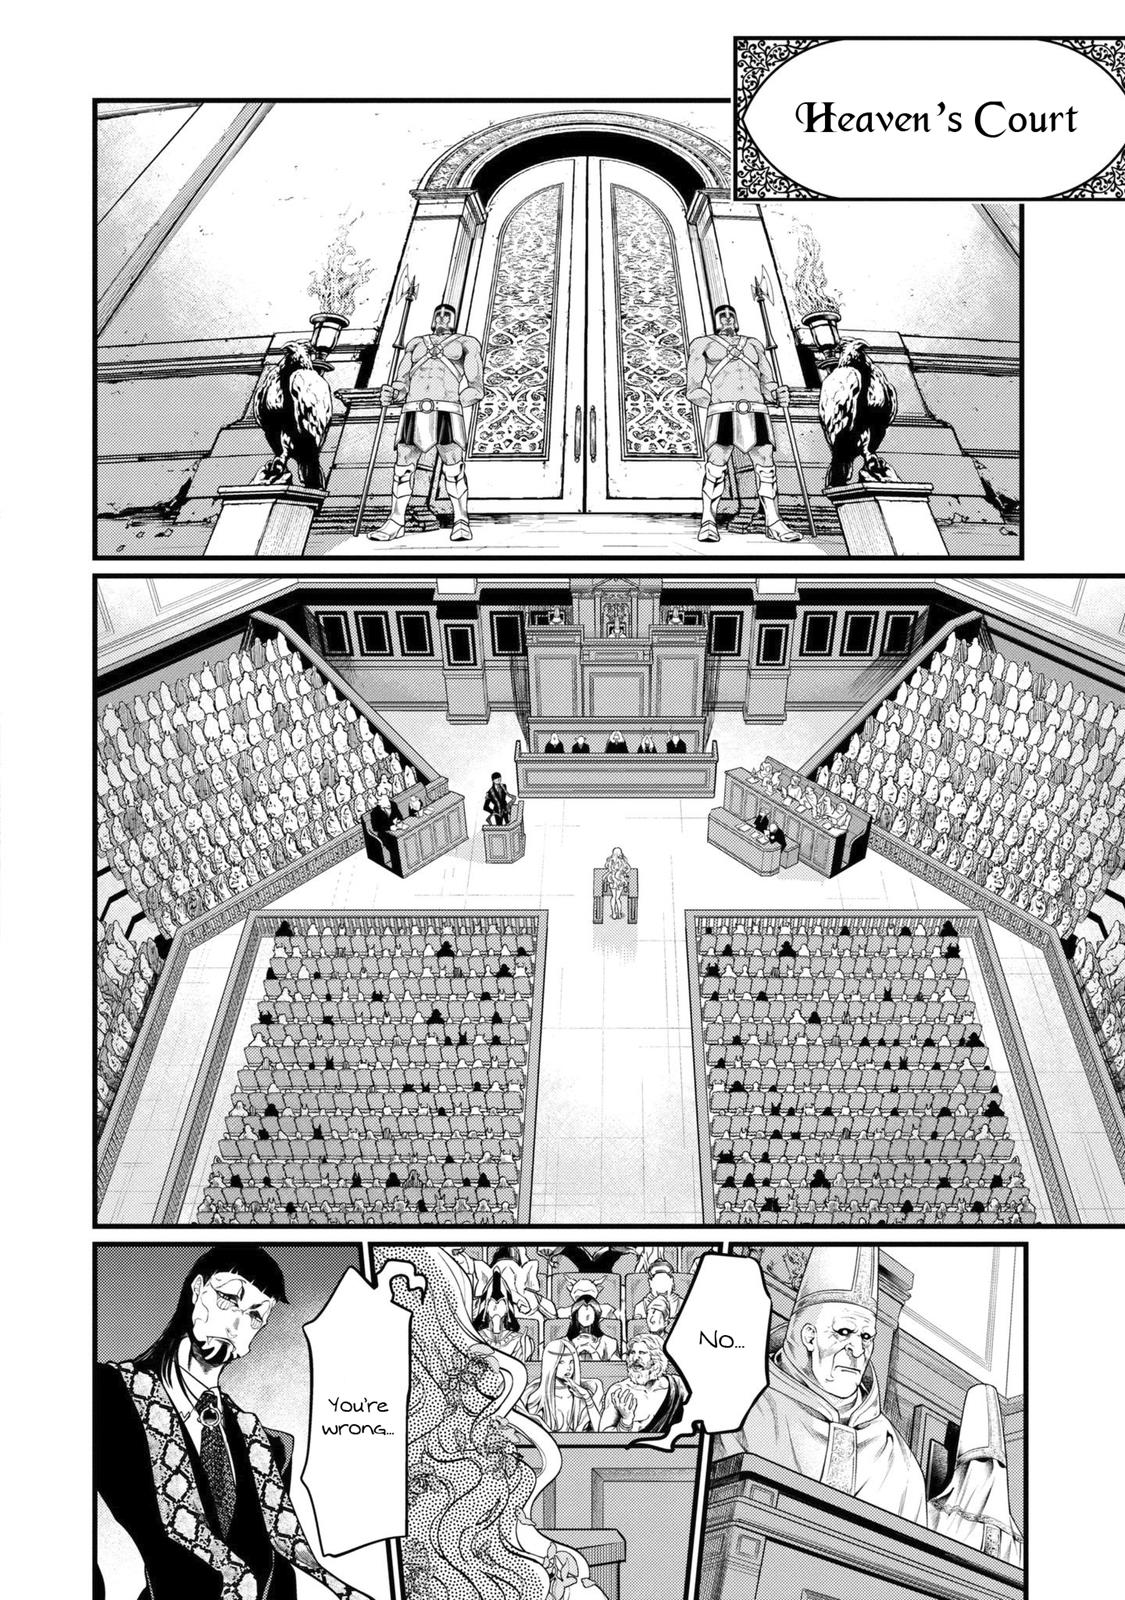 Shuumatsu no Valkyrie, Chapter 10 image 018